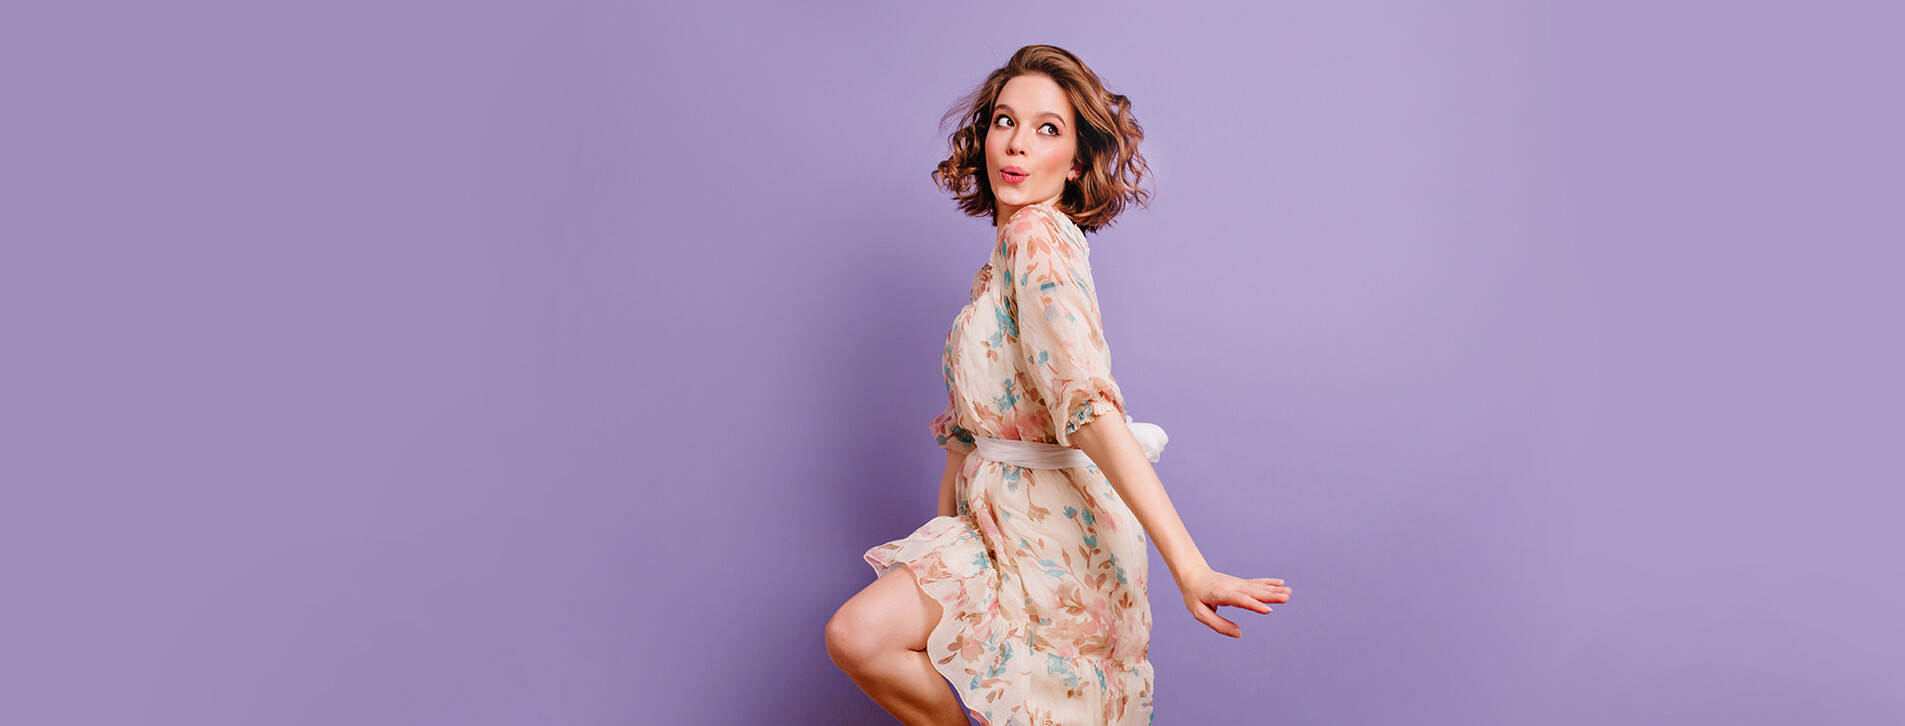 Фото 1 - Индивидуальный пошив летнего платья